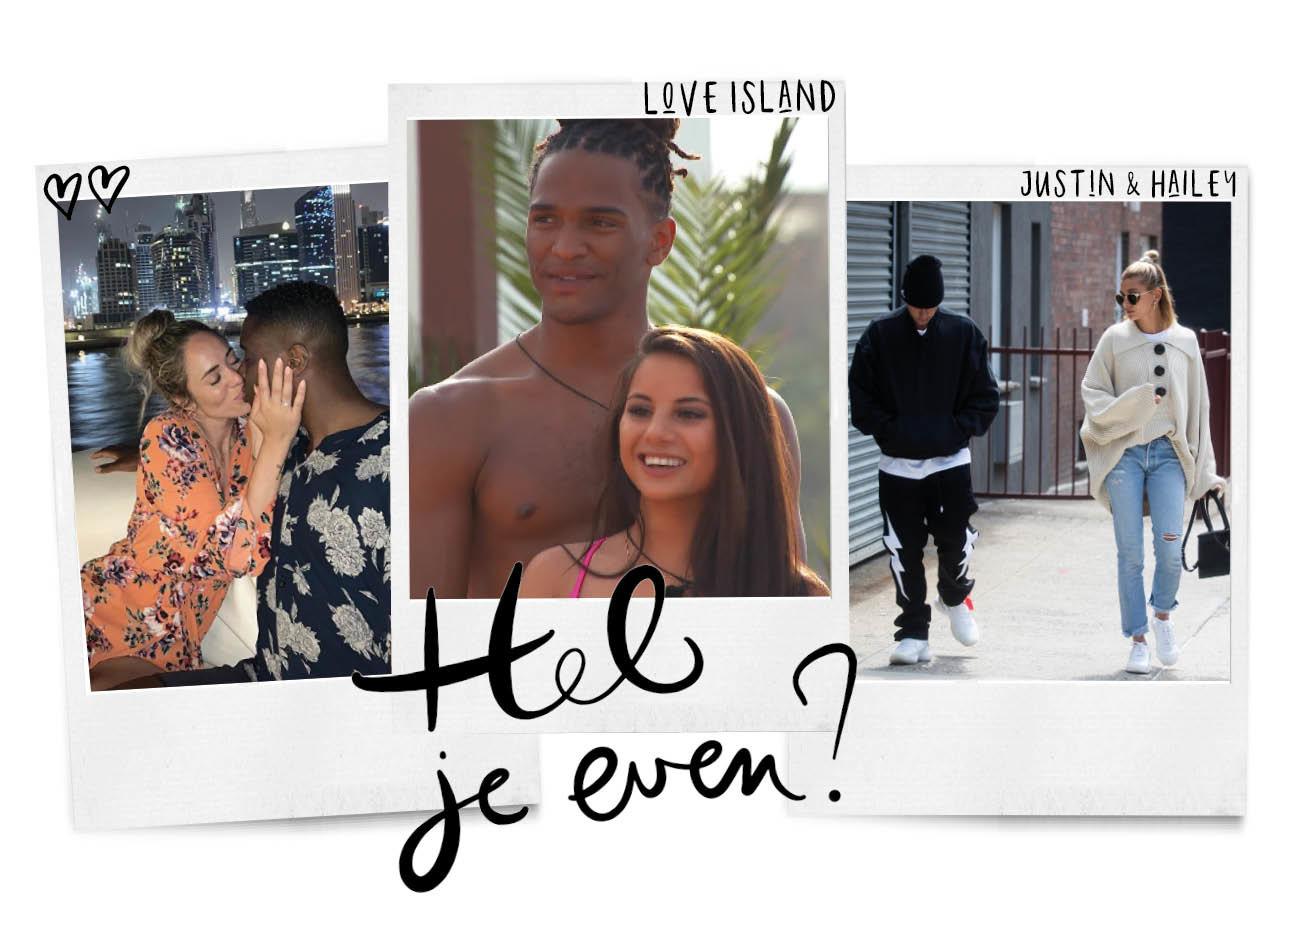 koffiezetpraatjes, nienke plas en haar verloofde resley, een koppel uit love island op videoland, justien bieber en hailey lopen op straat